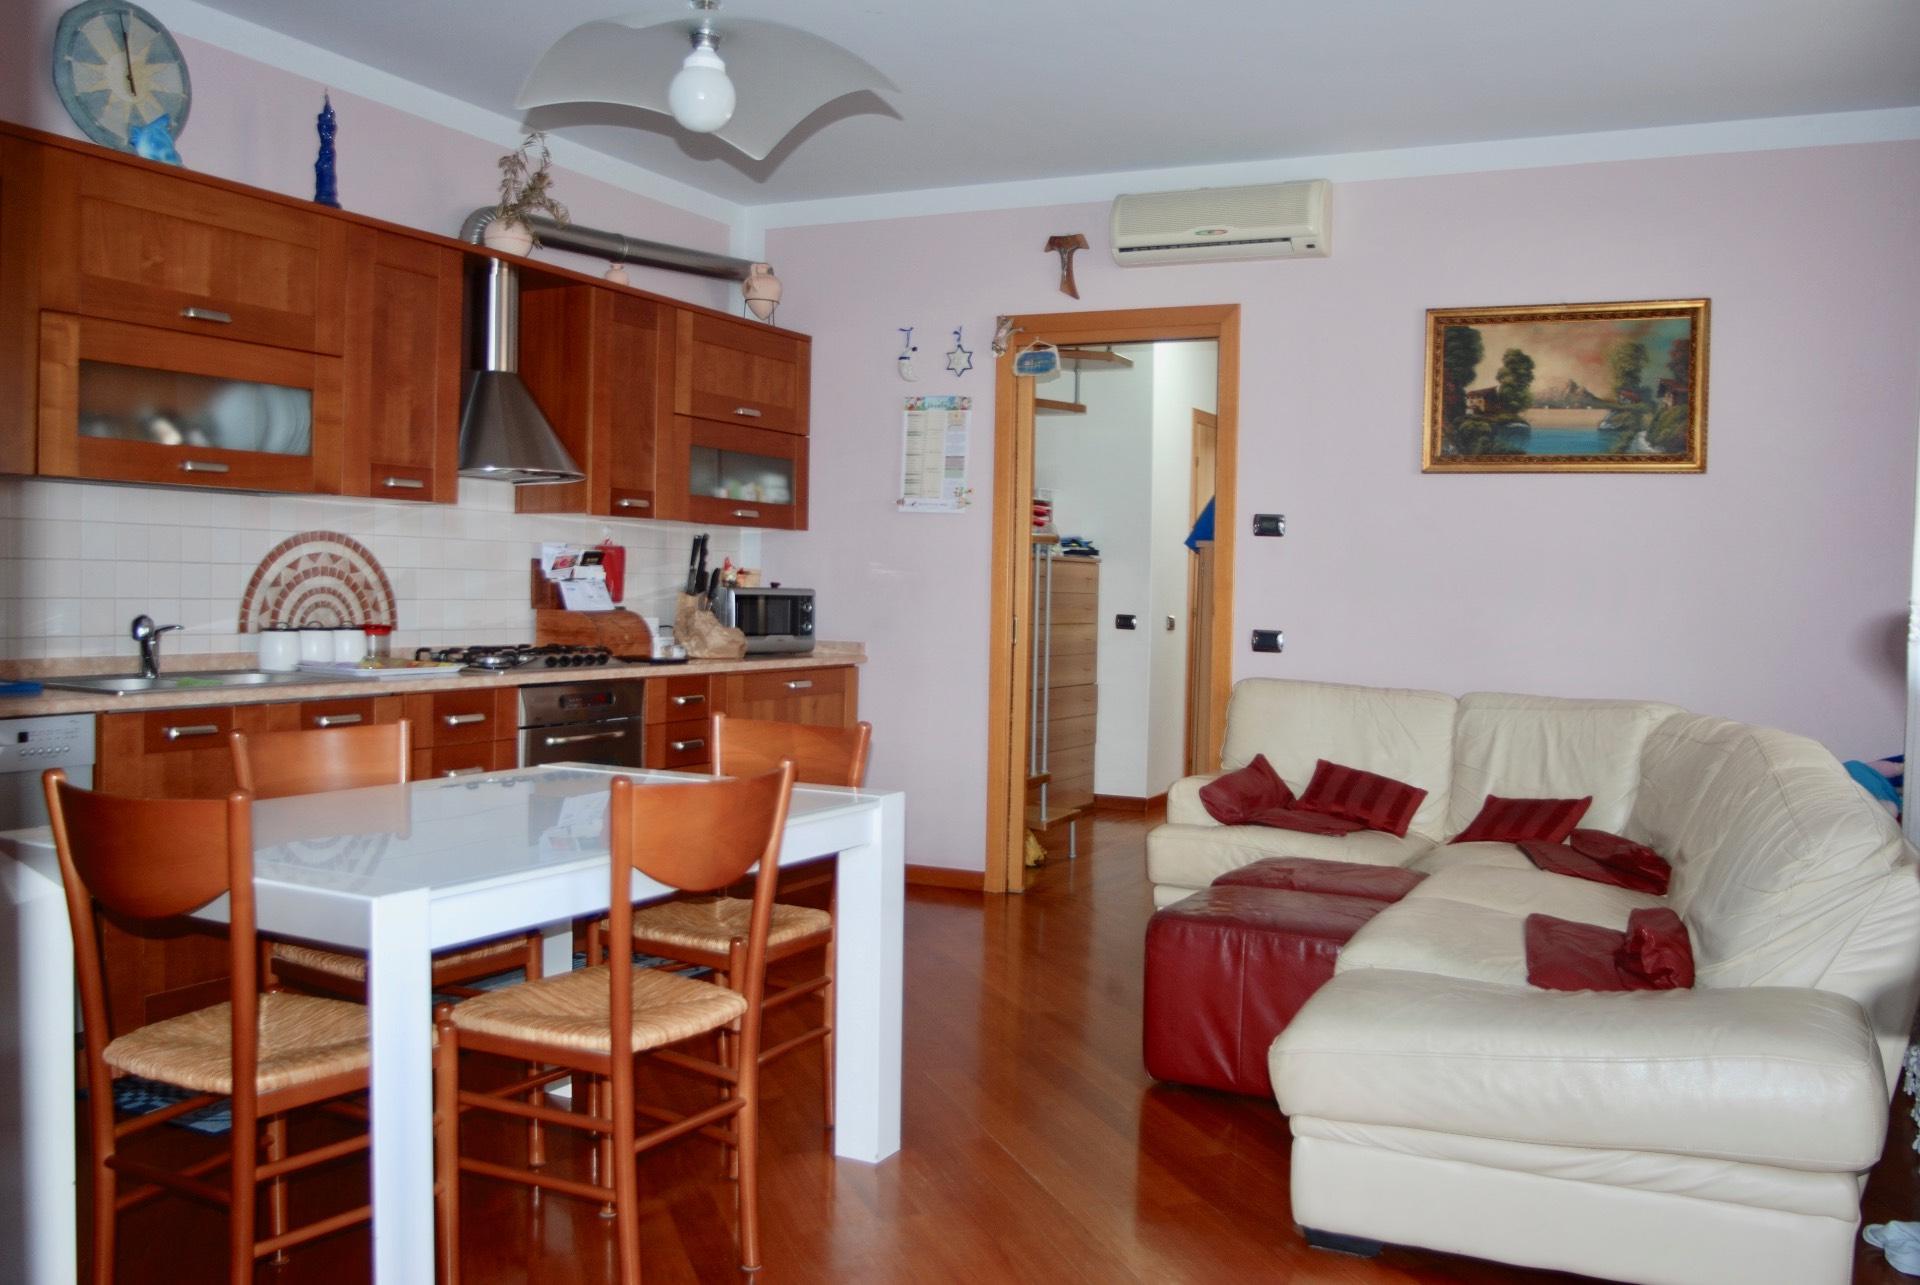 Appartamento in vendita a Maserada sul Piave, 5 locali, zona Zona: Varago, prezzo € 125.000 | CambioCasa.it